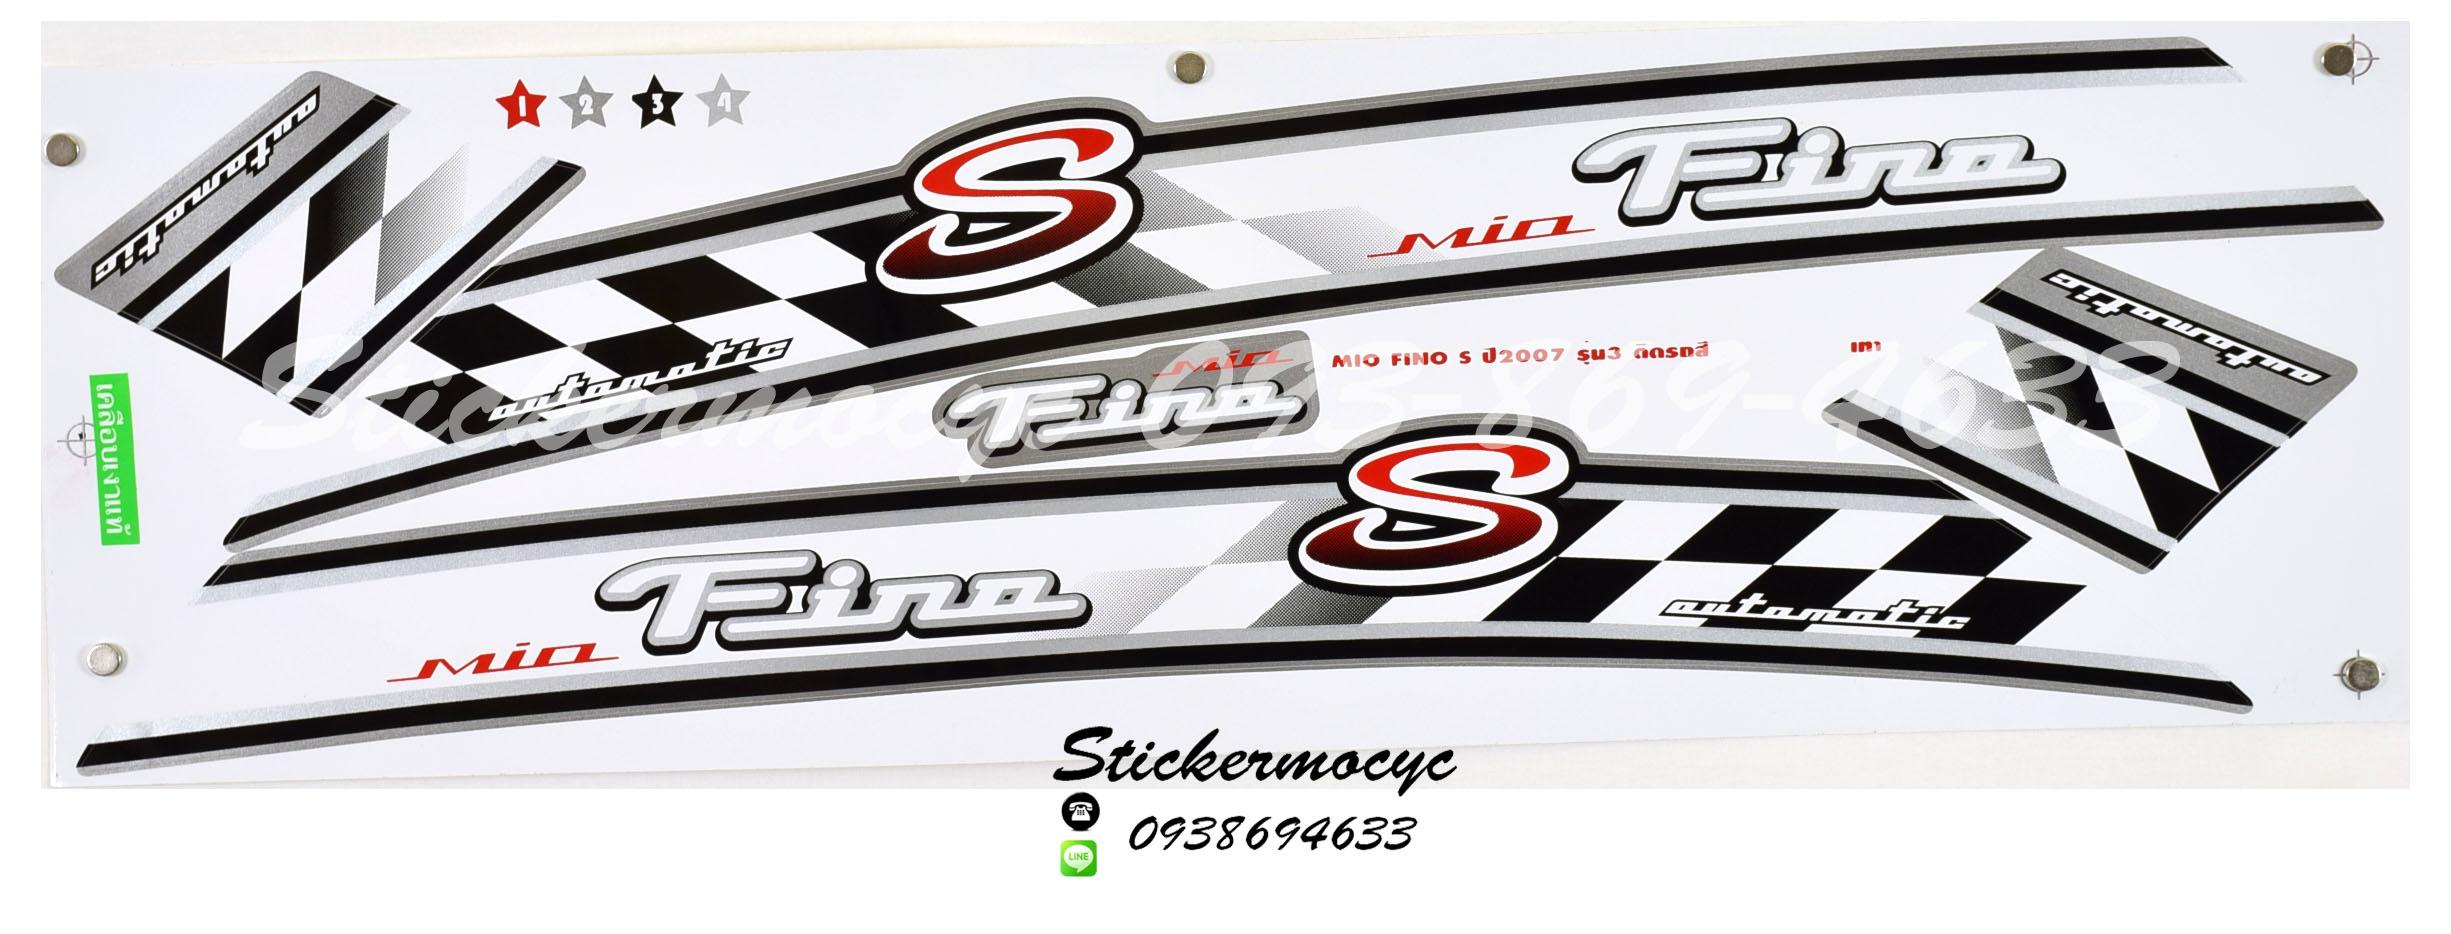 สติ๊กเกอร์ติดรถ มอเตอร์ไซค์ ยามาฮ่า ฟีโน่ S Sticker Yamaha Fino S ปี 2007 รุ่น 3 ติดรถ สีเทา (เคลือบเงา)